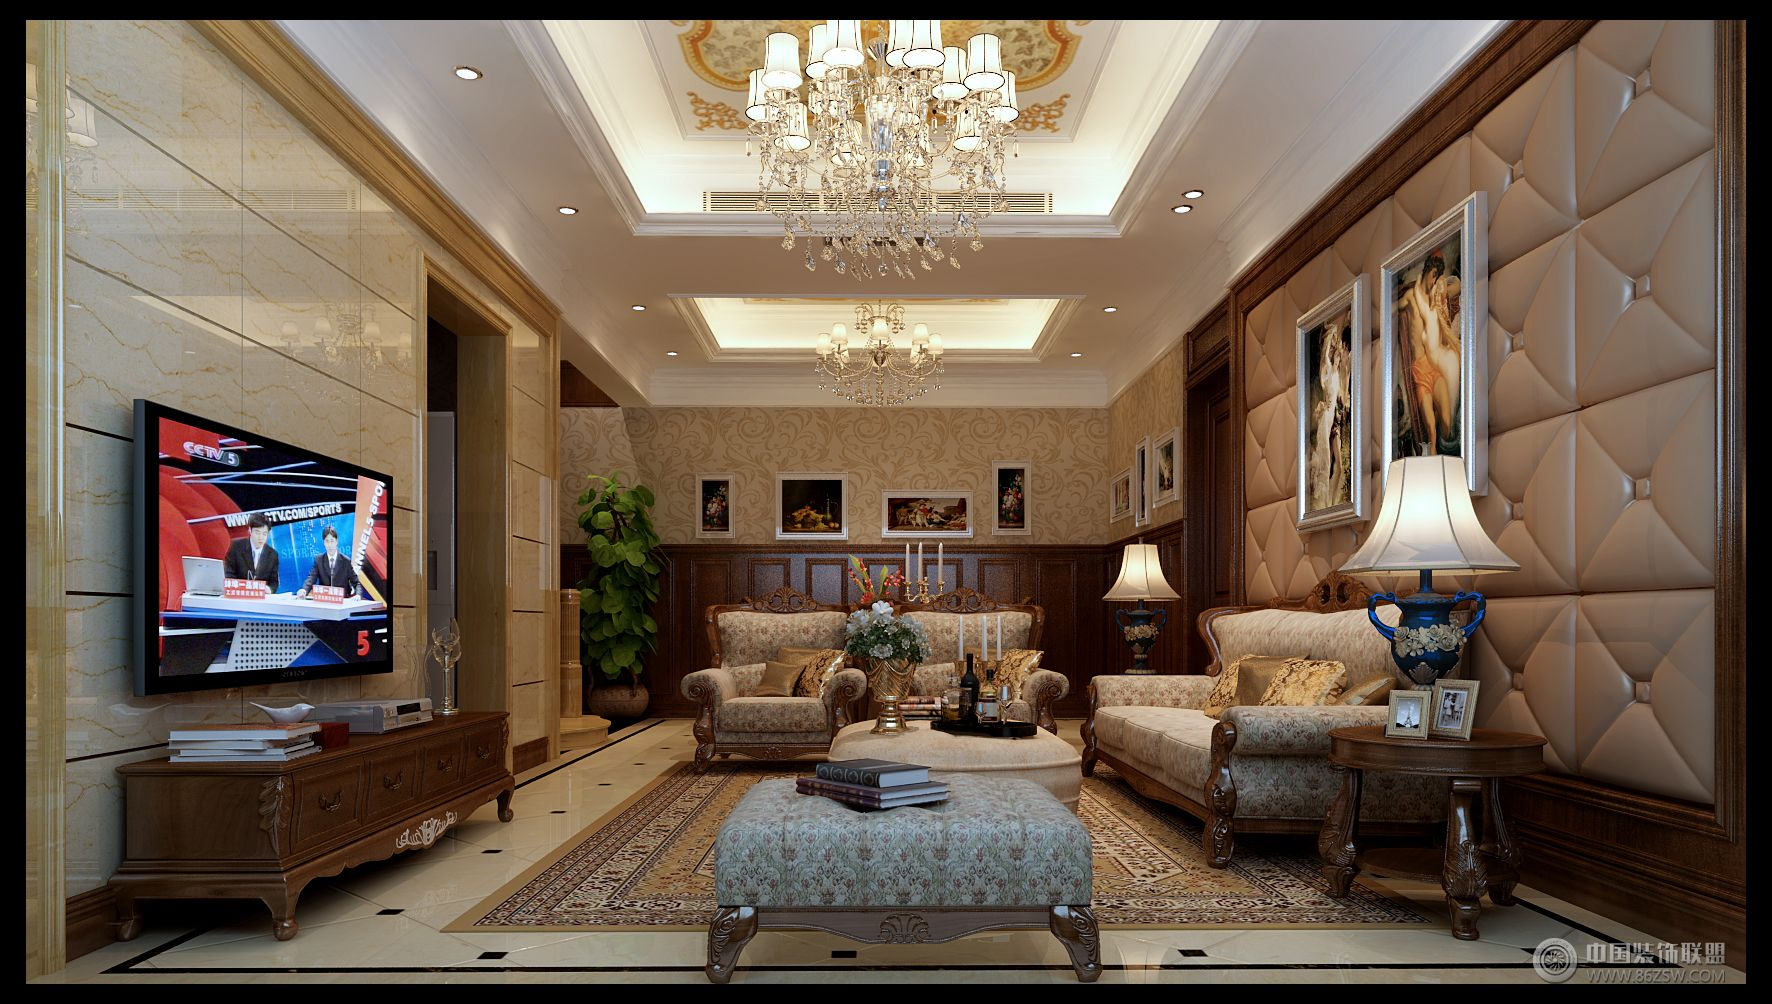 欧式风格别墅软装设计案例-客厅装修效果图-八六